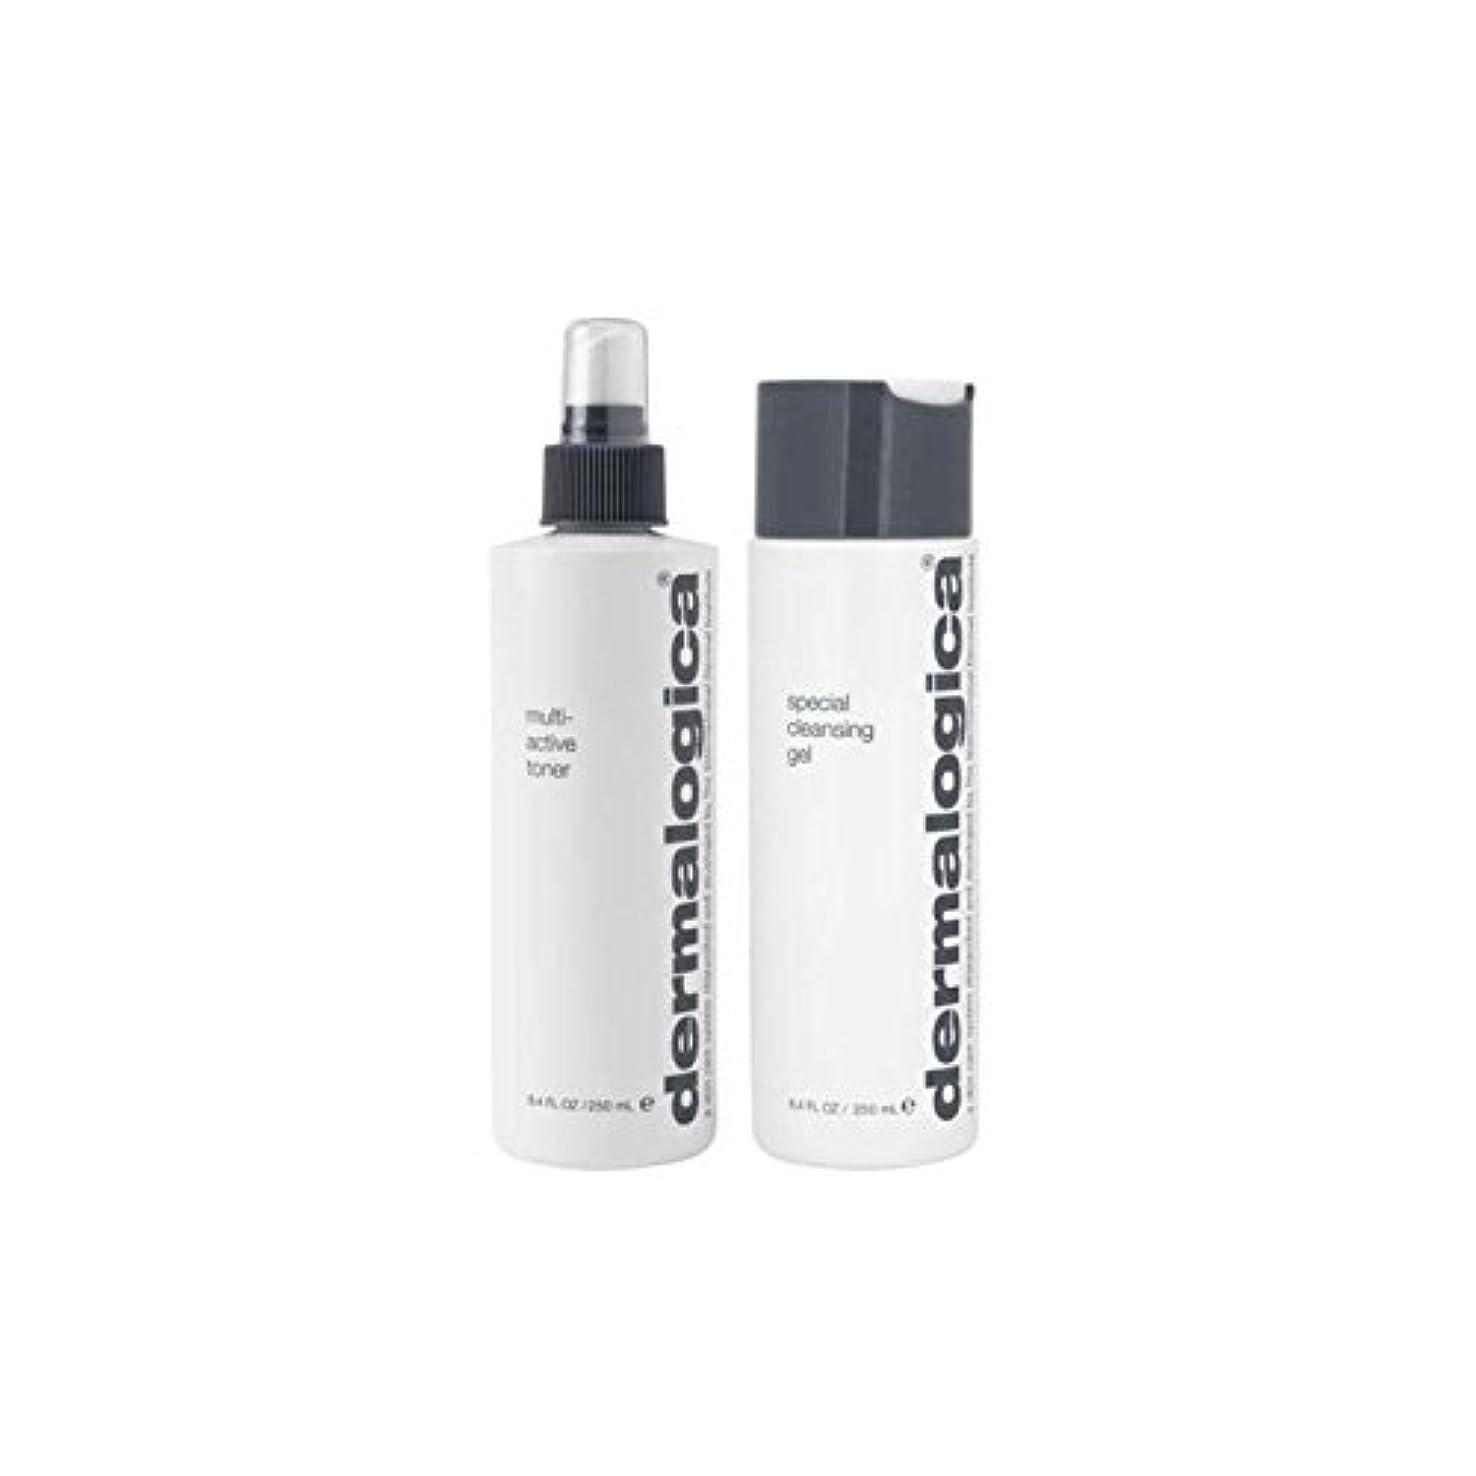 ダーマロジカクレンジング&トーンデュオ - ノーマル/ドライスキン(2製品) x2 - Dermalogica Cleanse & Tone Duo - Normal/Dry Skin (2 Products) (Pack...